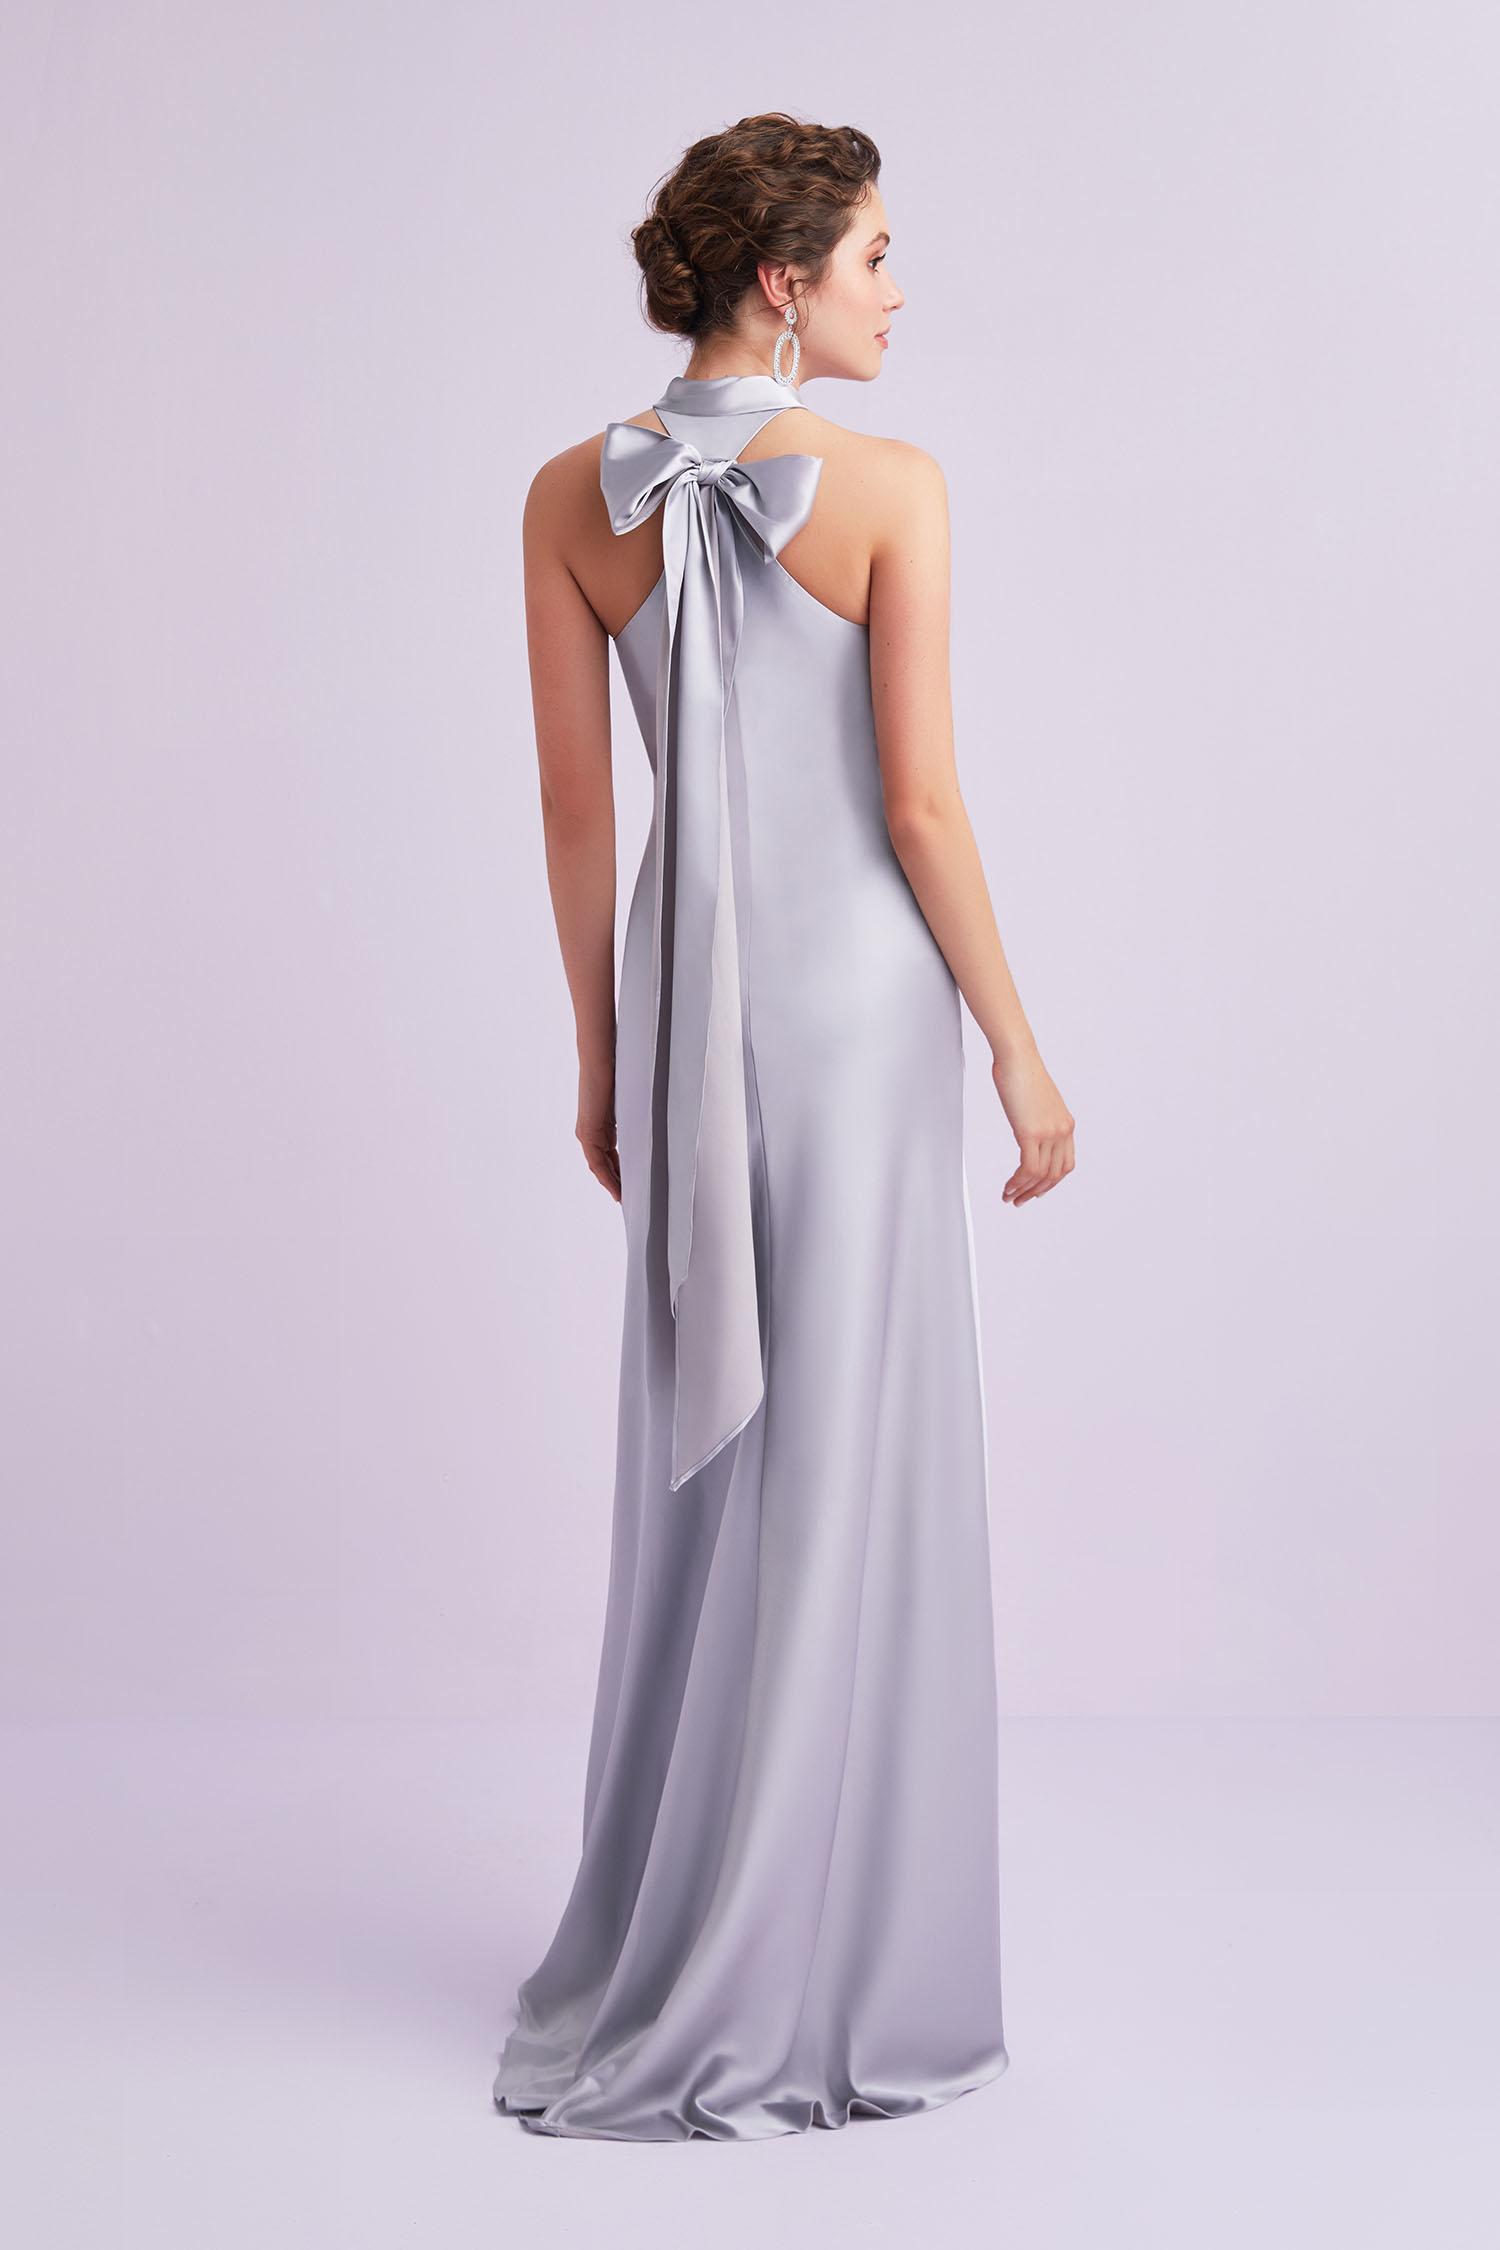 Açık Leylak Rengi Yüzücü Yaka Saten Uzun Abiye Elbise - Thumbnail